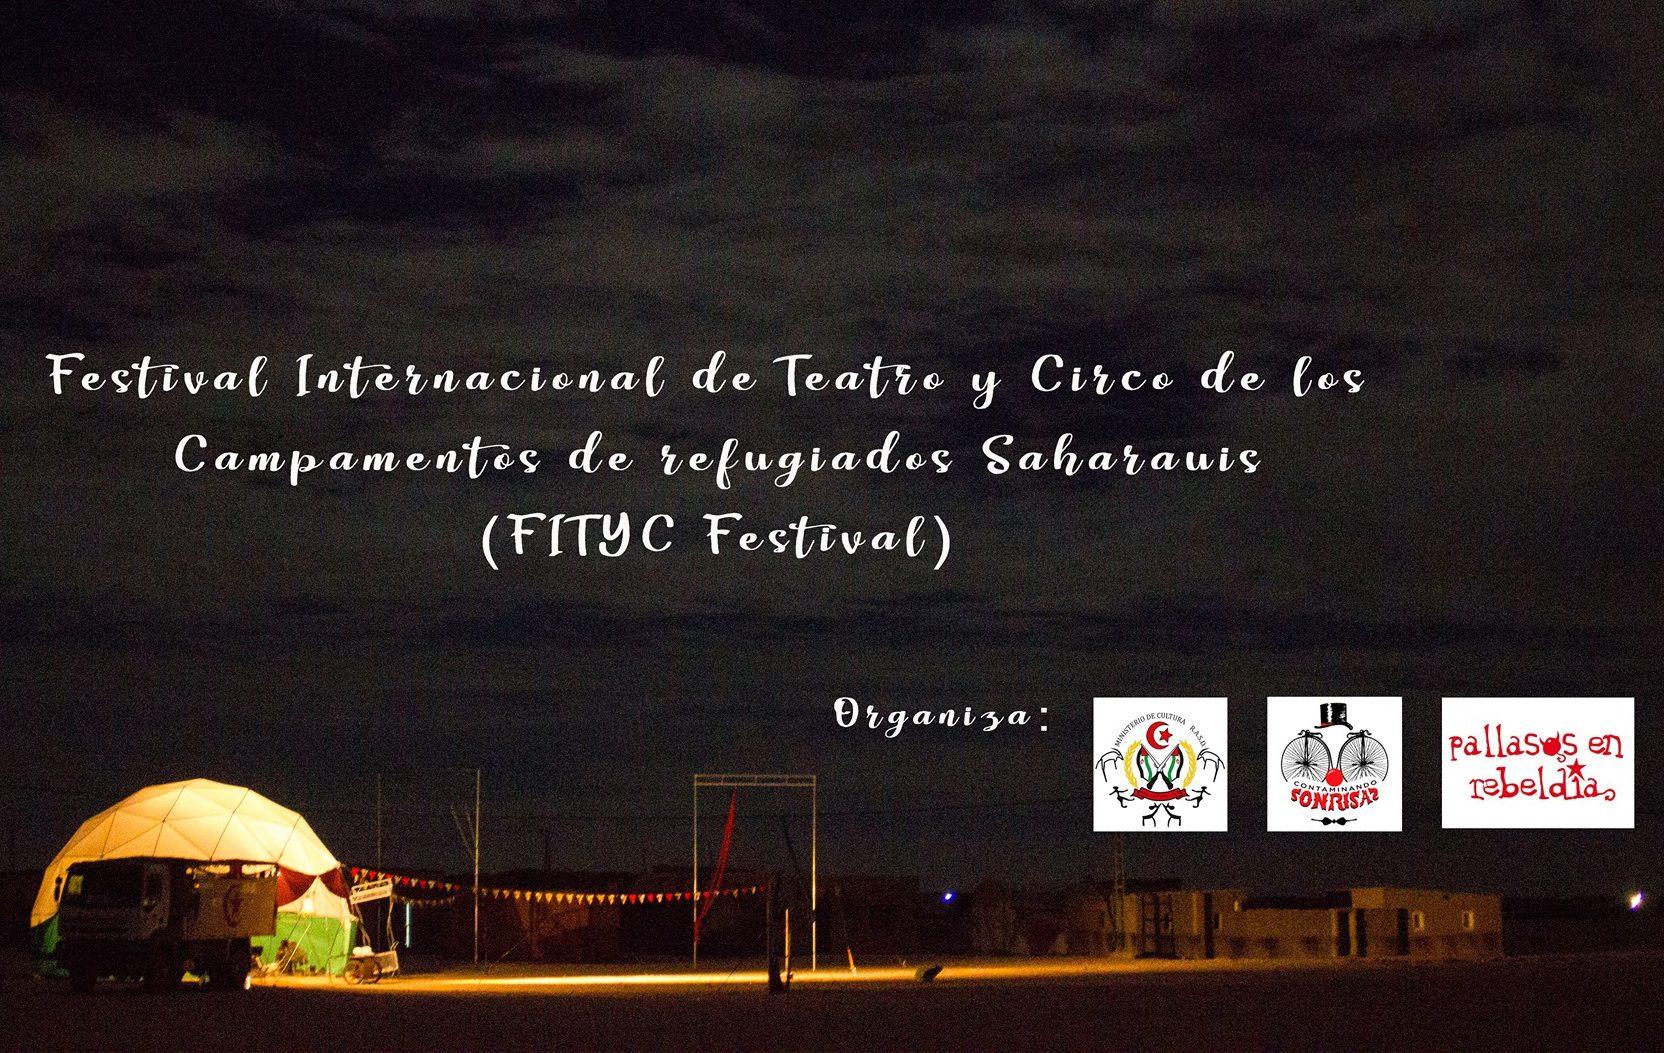 Ven al FITYC Festival Internacional de los Campamentos Refugiados Saharauis